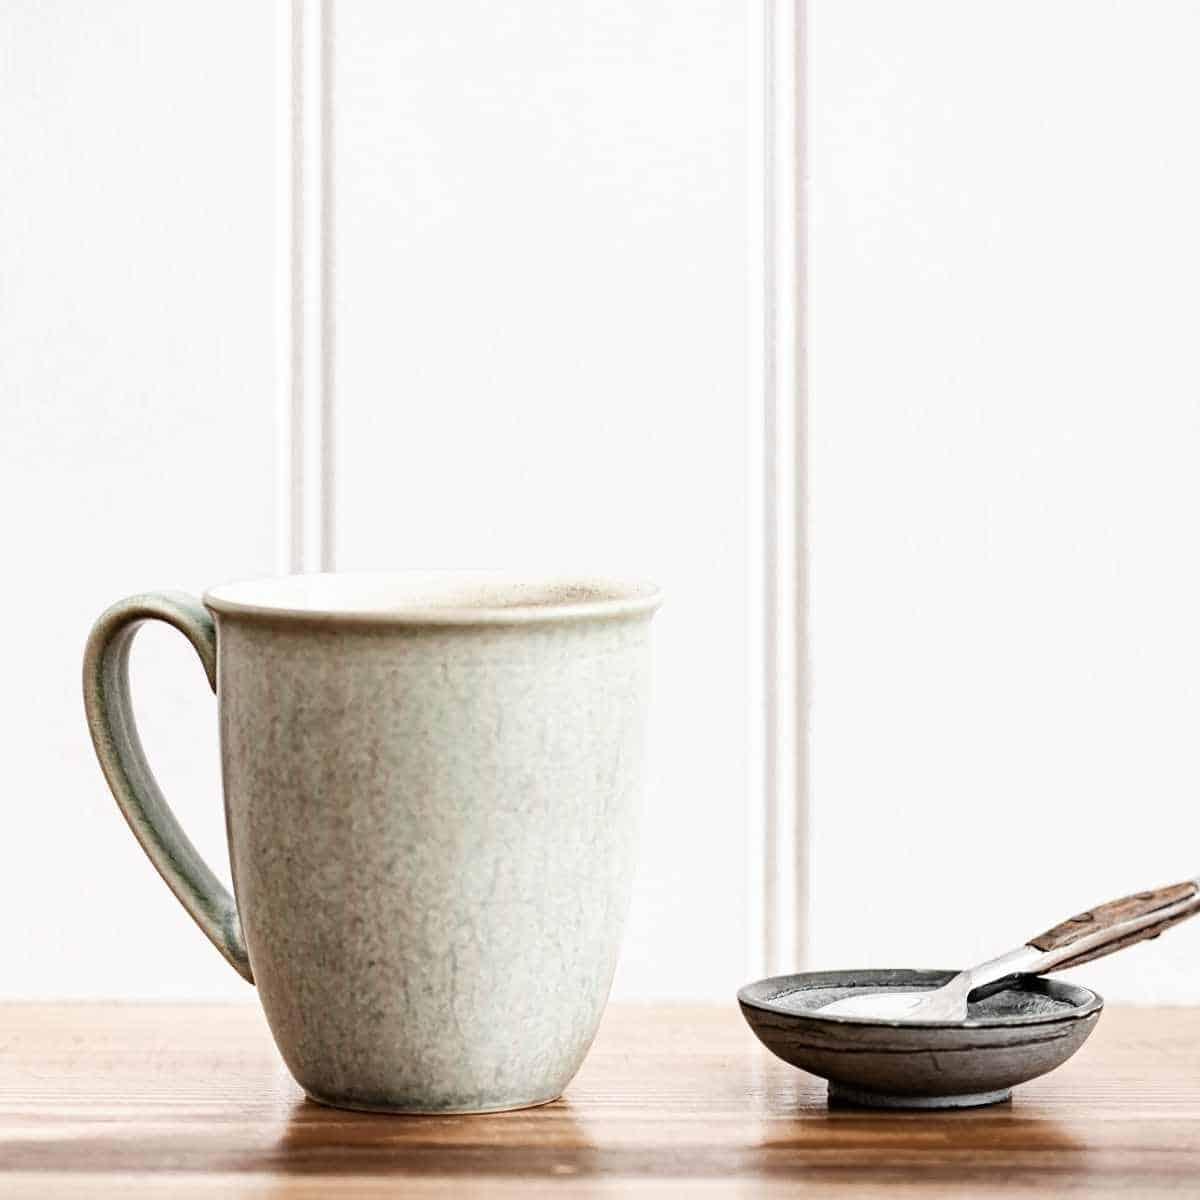 vintage mug on wooden board